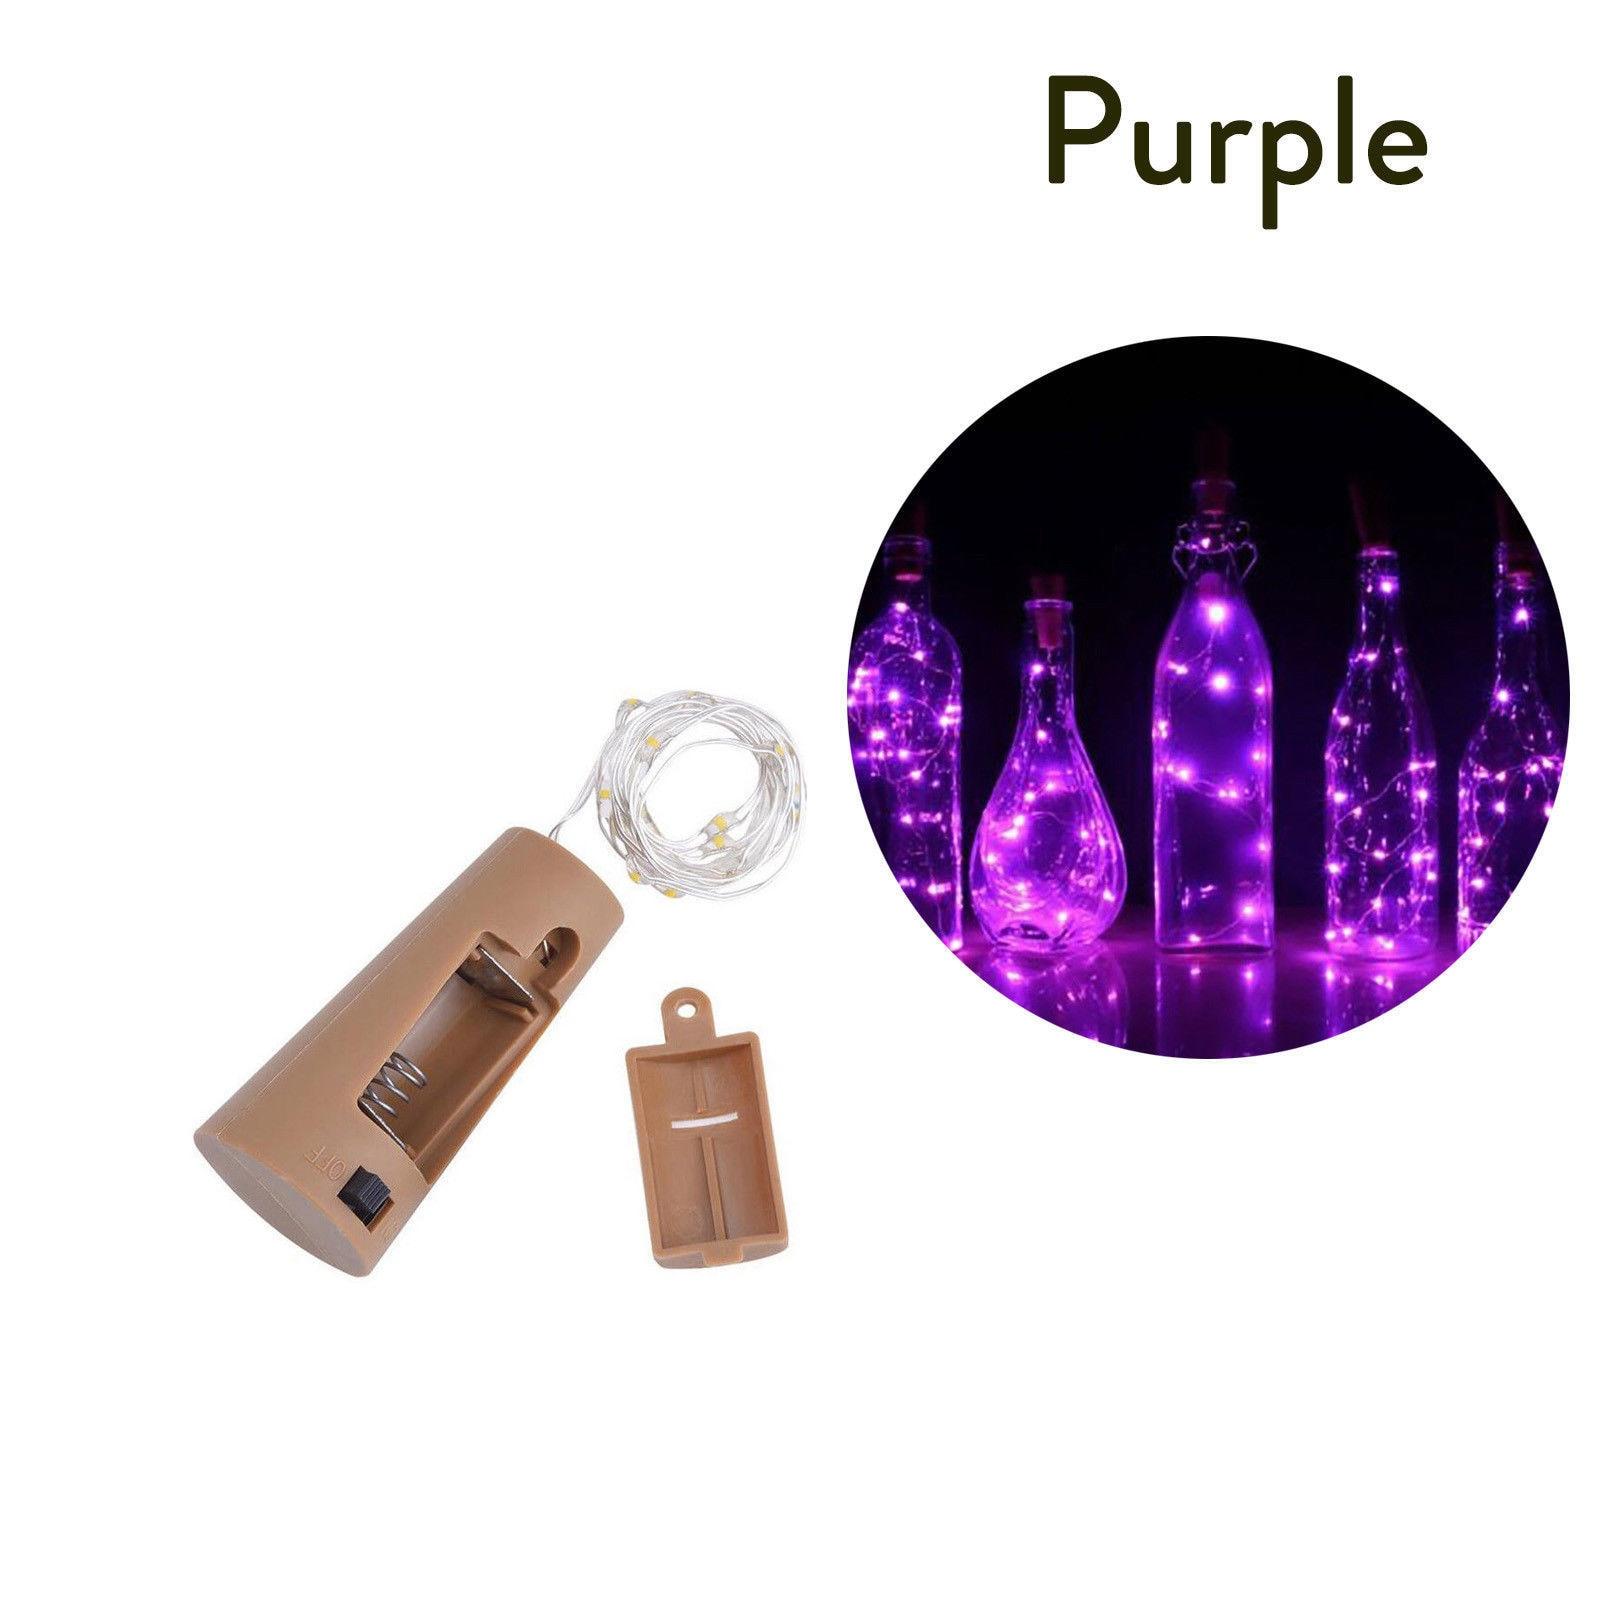 10 20 30 светодиодный s пробковый светодиодный светильник, медная проволока, праздничный уличный Сказочный светильник s для рождественской вечеринки, свадебного украшения - Испускаемый цвет: Фиолетовый